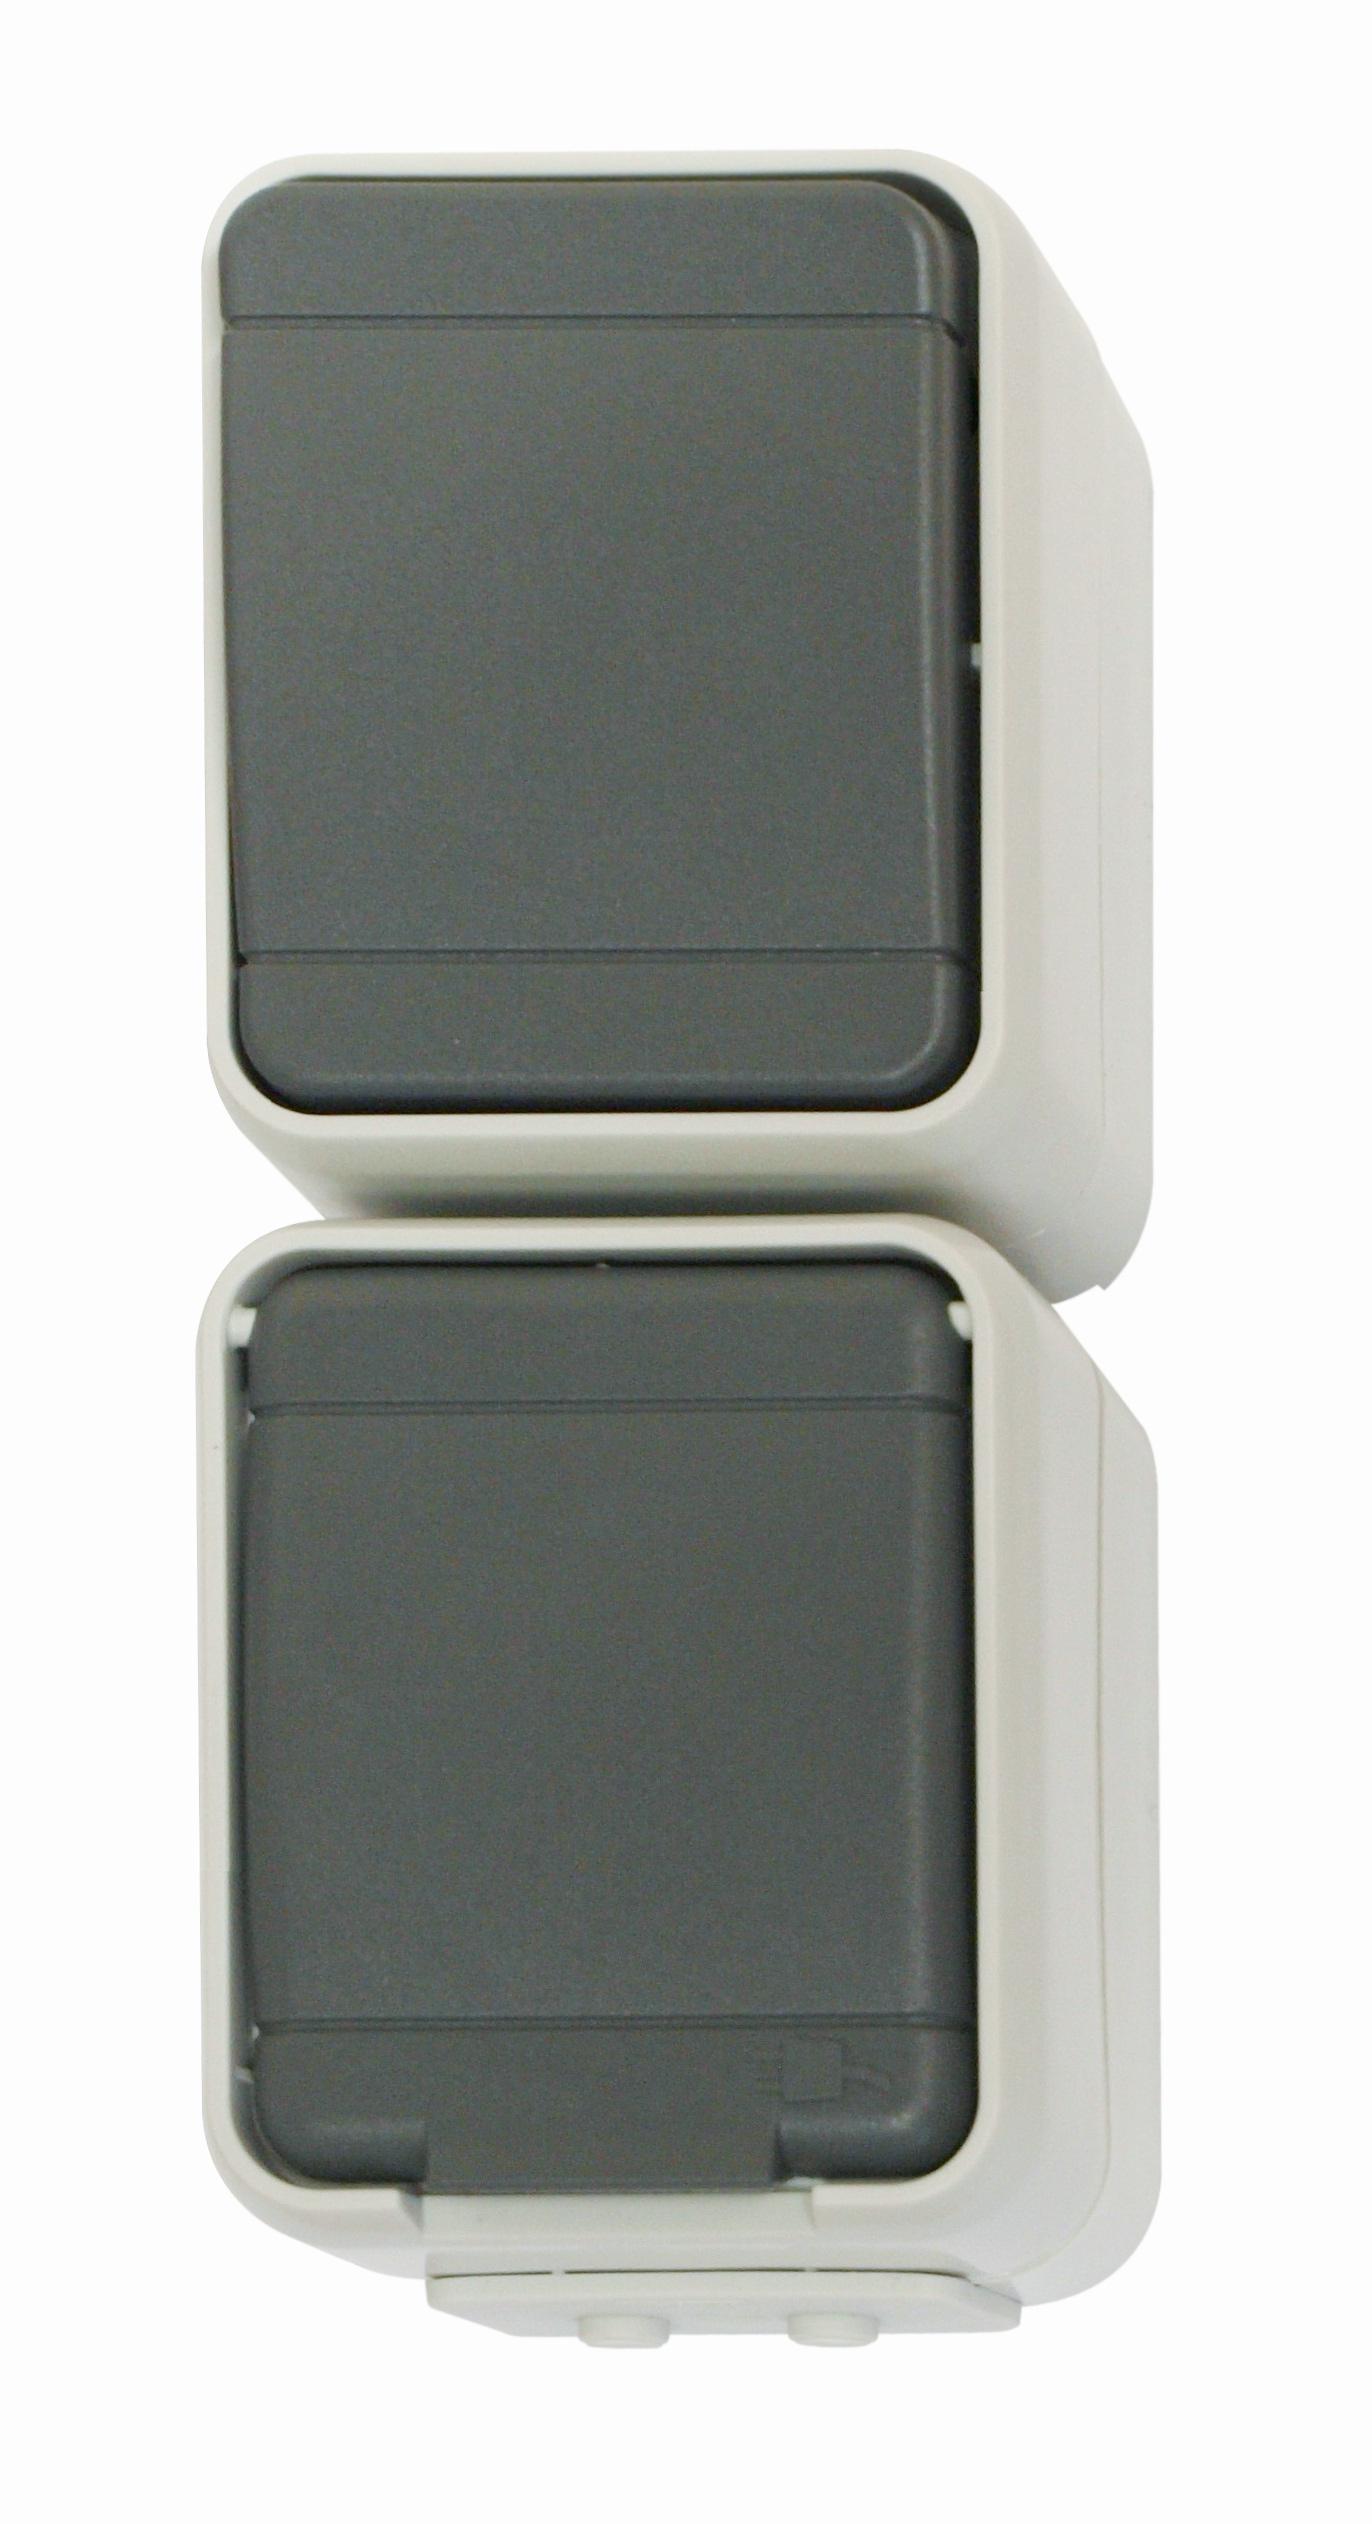 1 Stk AP IP44 Kombi Universalschalter und Steckdose, senkrecht, bg EL448629--